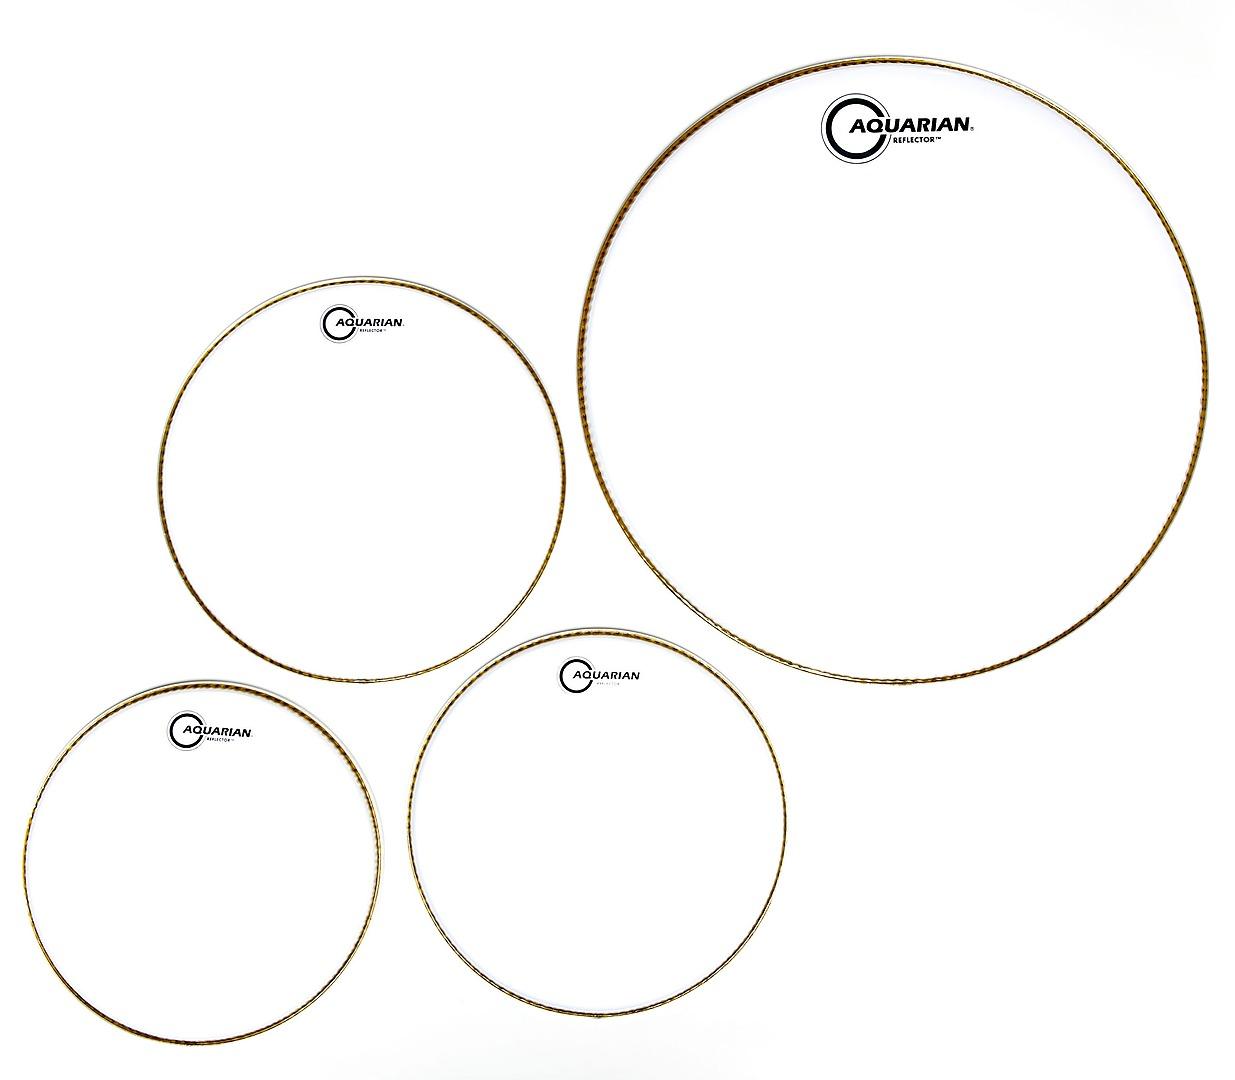 Versatile Drumhead for varied range of musical styles